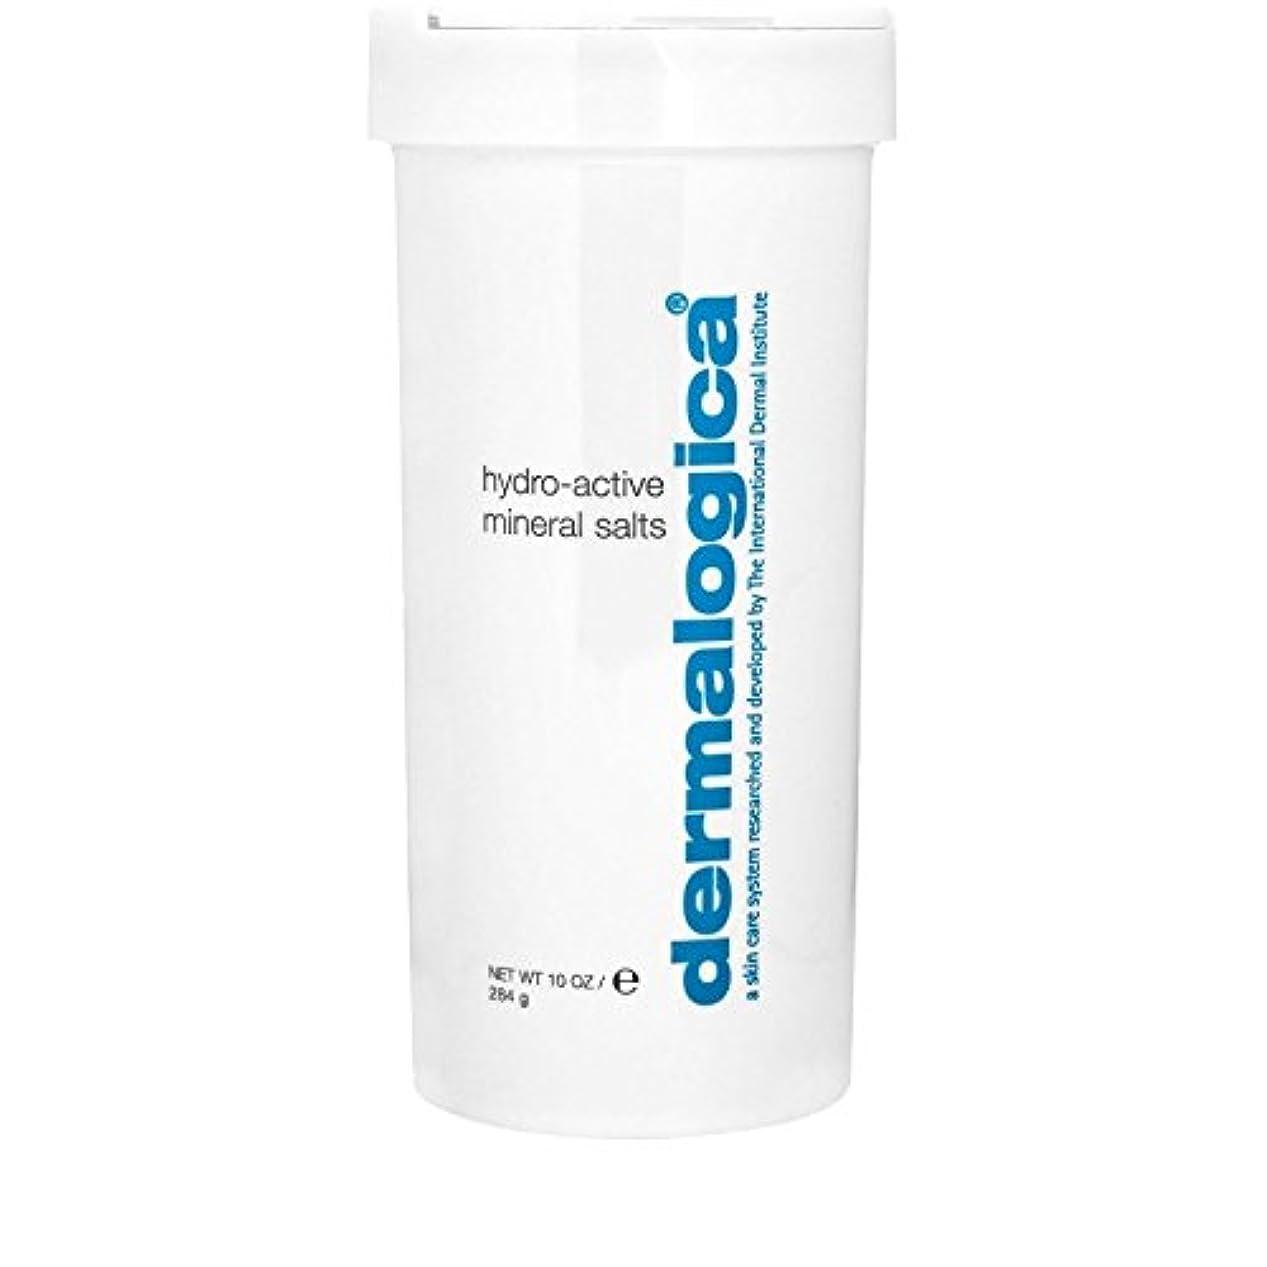 他の日アレルギー解明Dermalogica Hydro Active Mineral Salt 284g (Pack of 6) - ダーマロジカ水力アクティブミネラル塩284グラム x6 [並行輸入品]